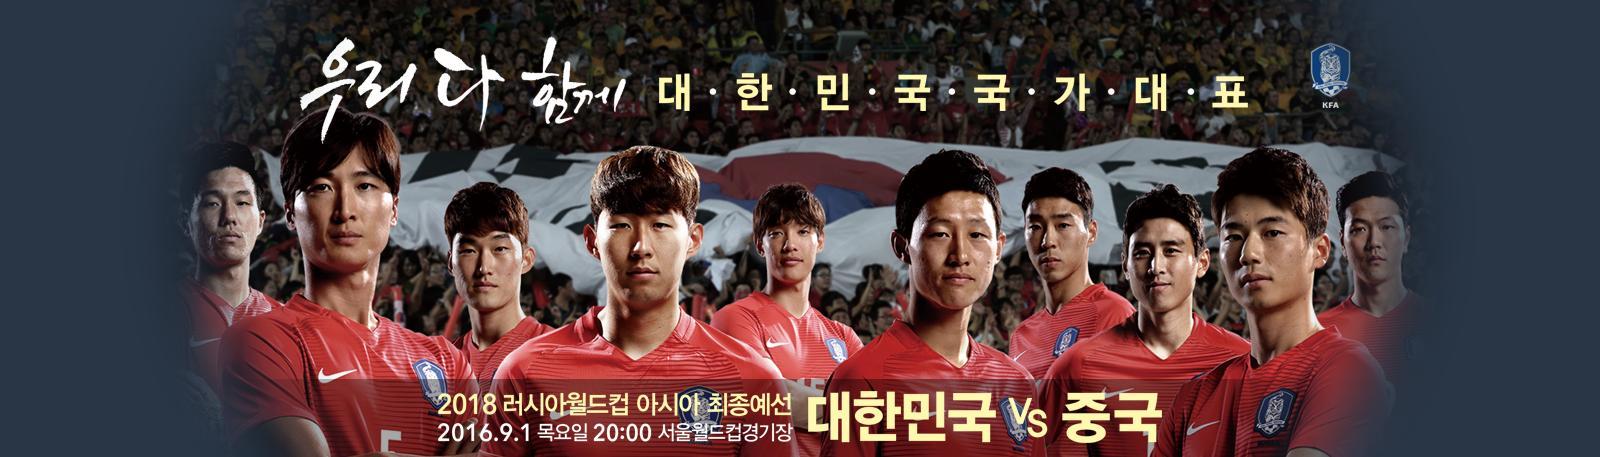 韩足协发布12强赛战国足海报:我们在一起_虎扑中国